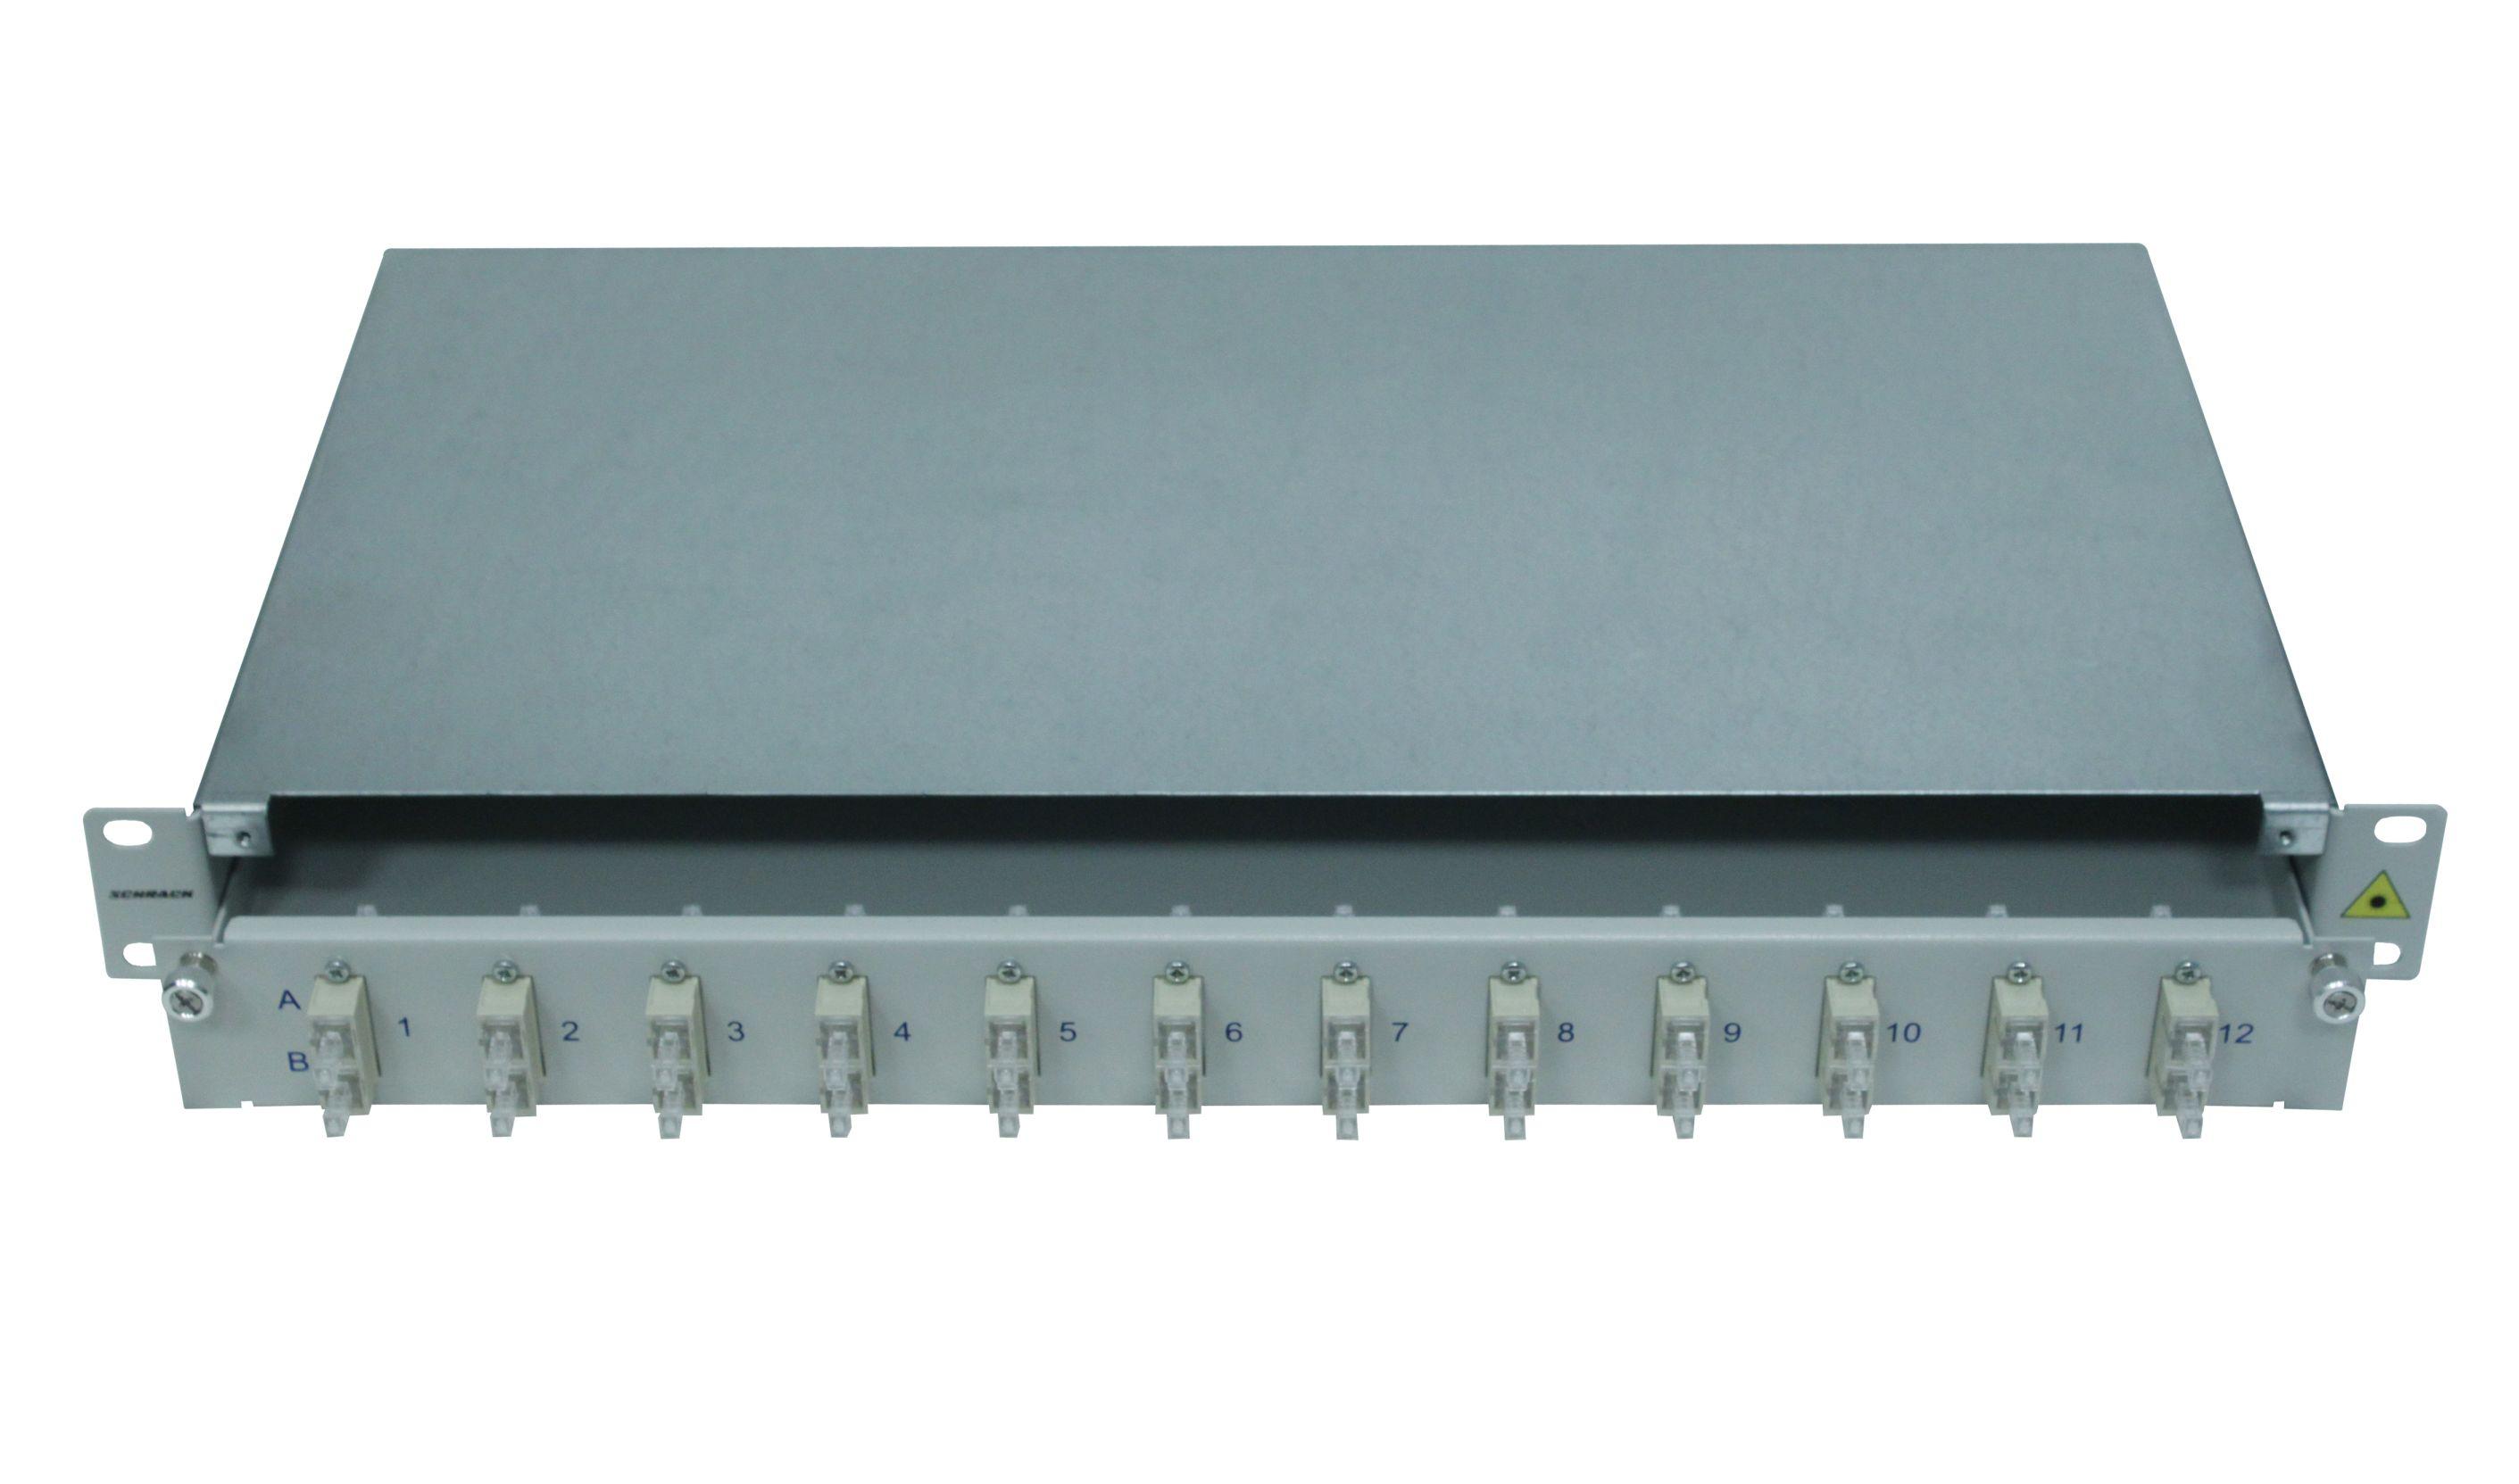 1 Stk LWL Patchpanel 19, 1 HE, ausziehbar, für 16 Fasern, SC, SM HSELS16SCG